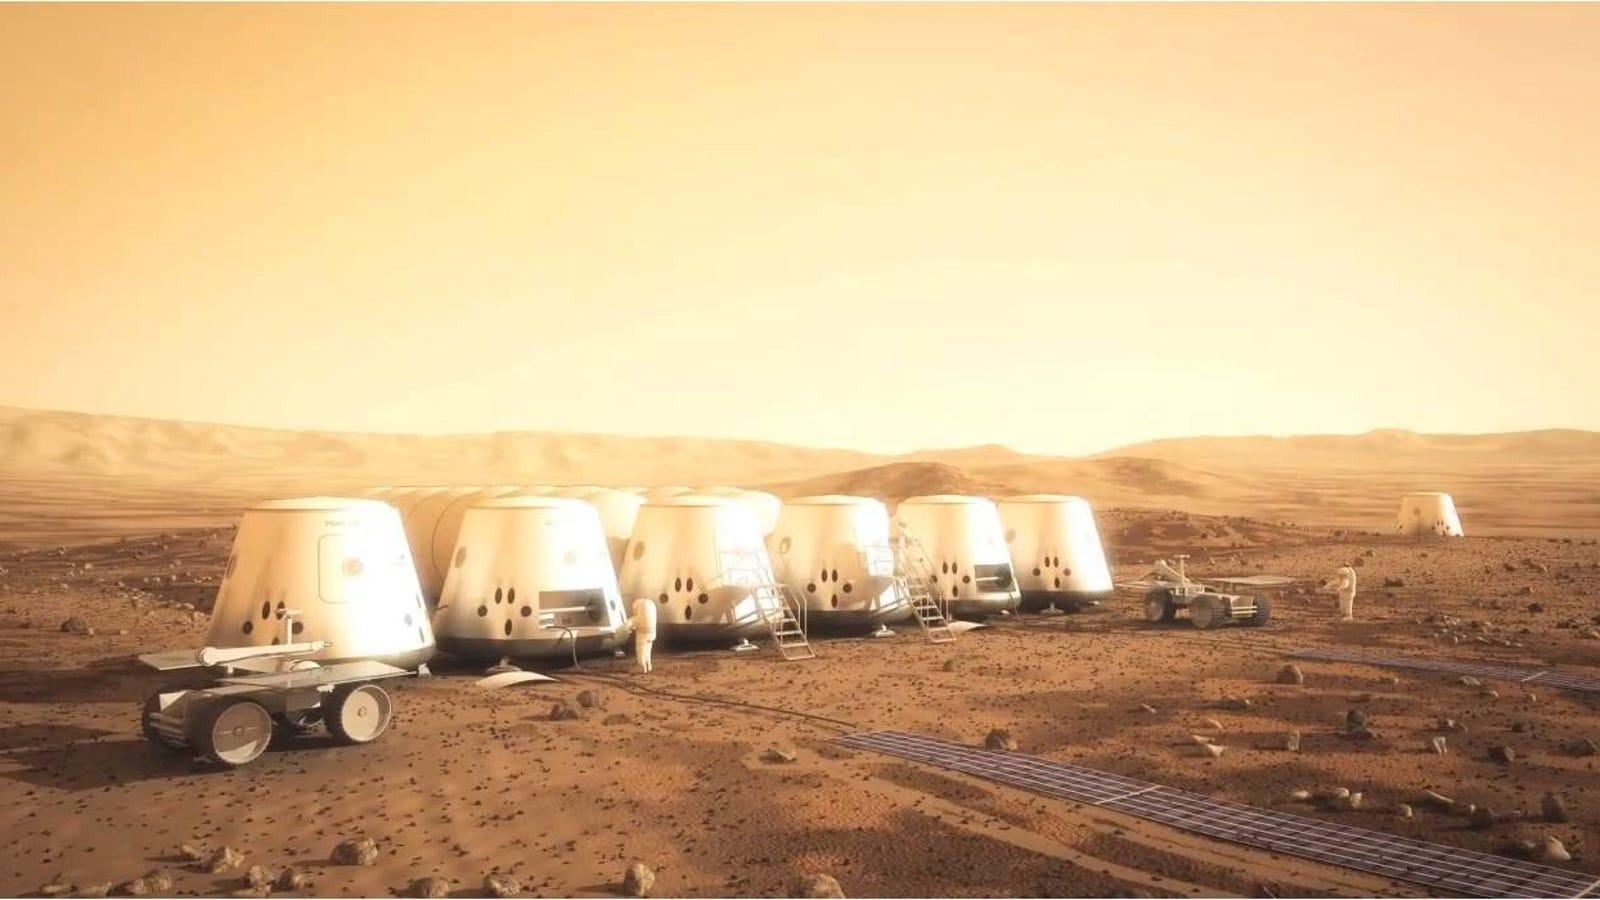 Se buscan astronautas para el primer viaje a Marte... sin retorno